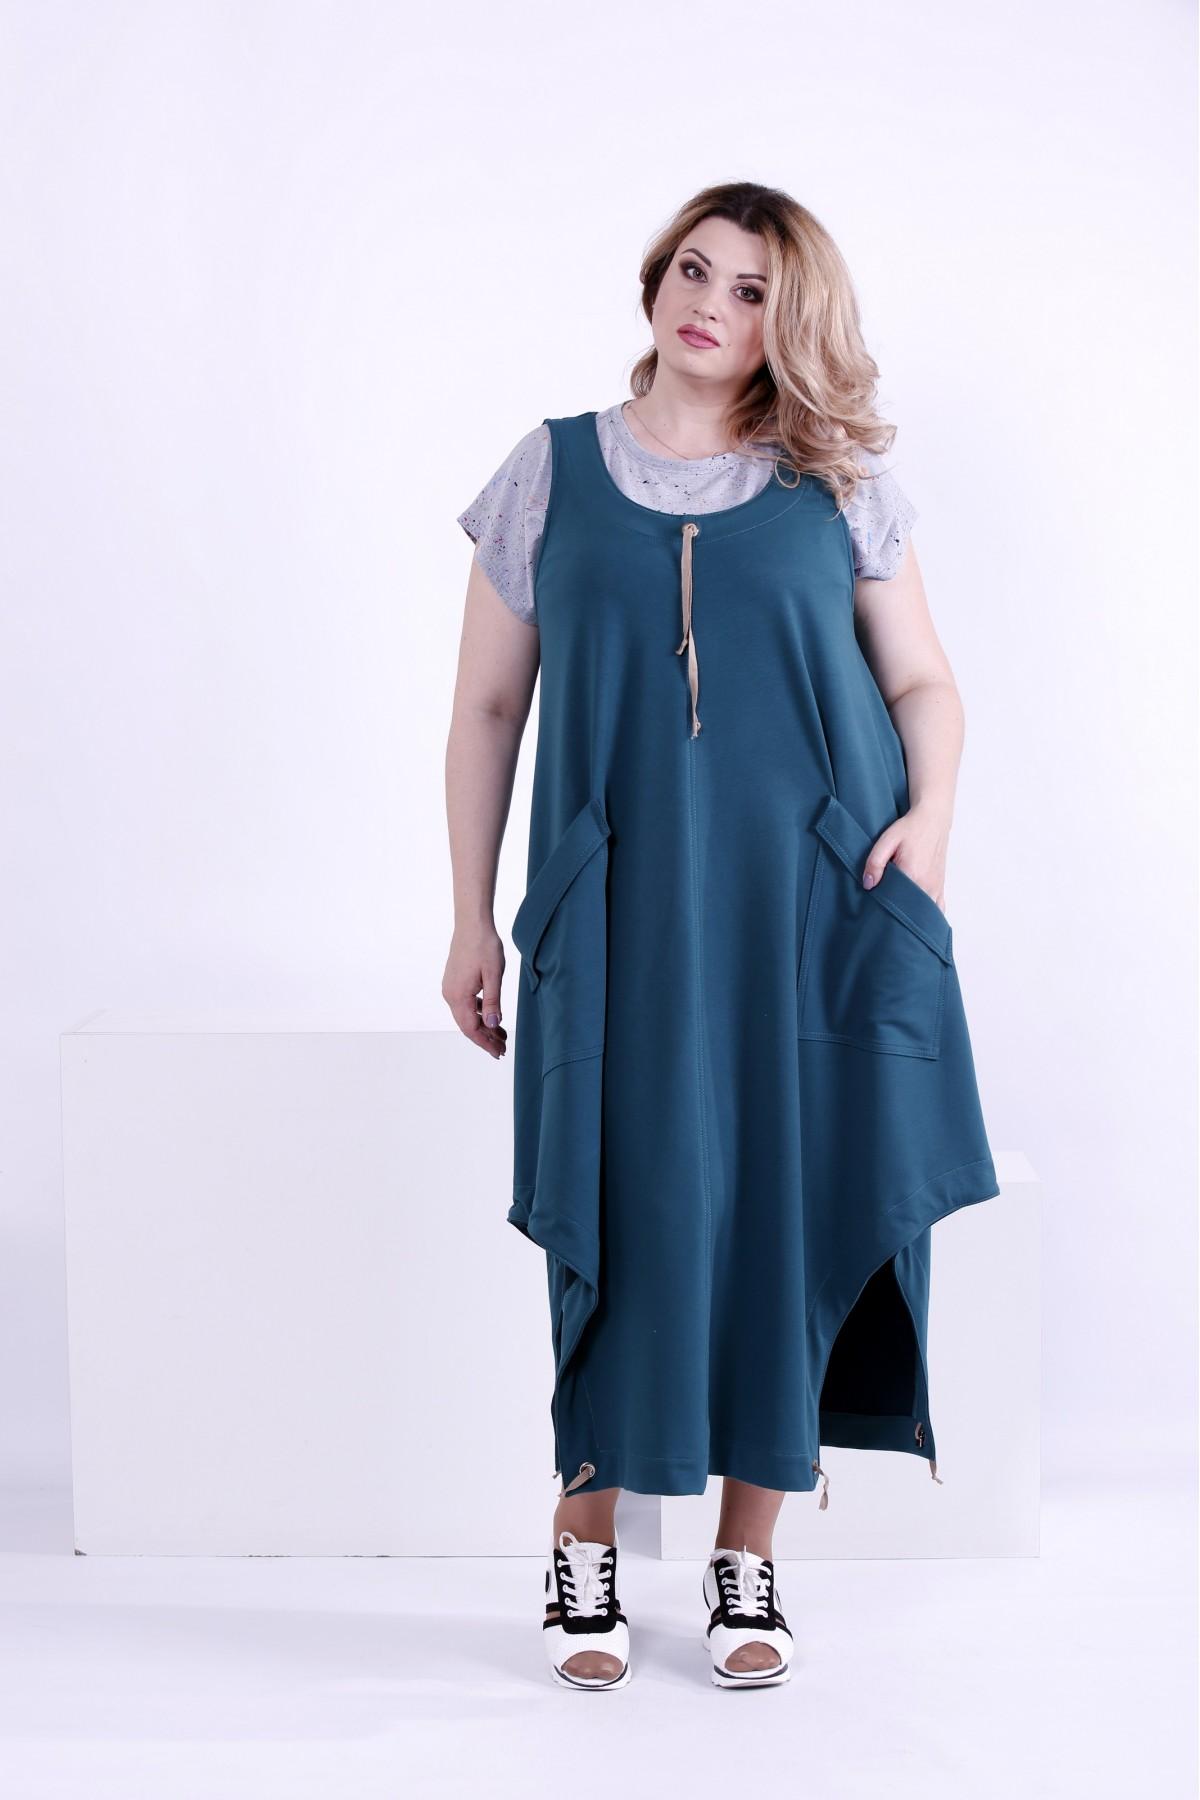 Купити Зелене довге плаття з кишенями (футболка окремо)  821b1faa450d3